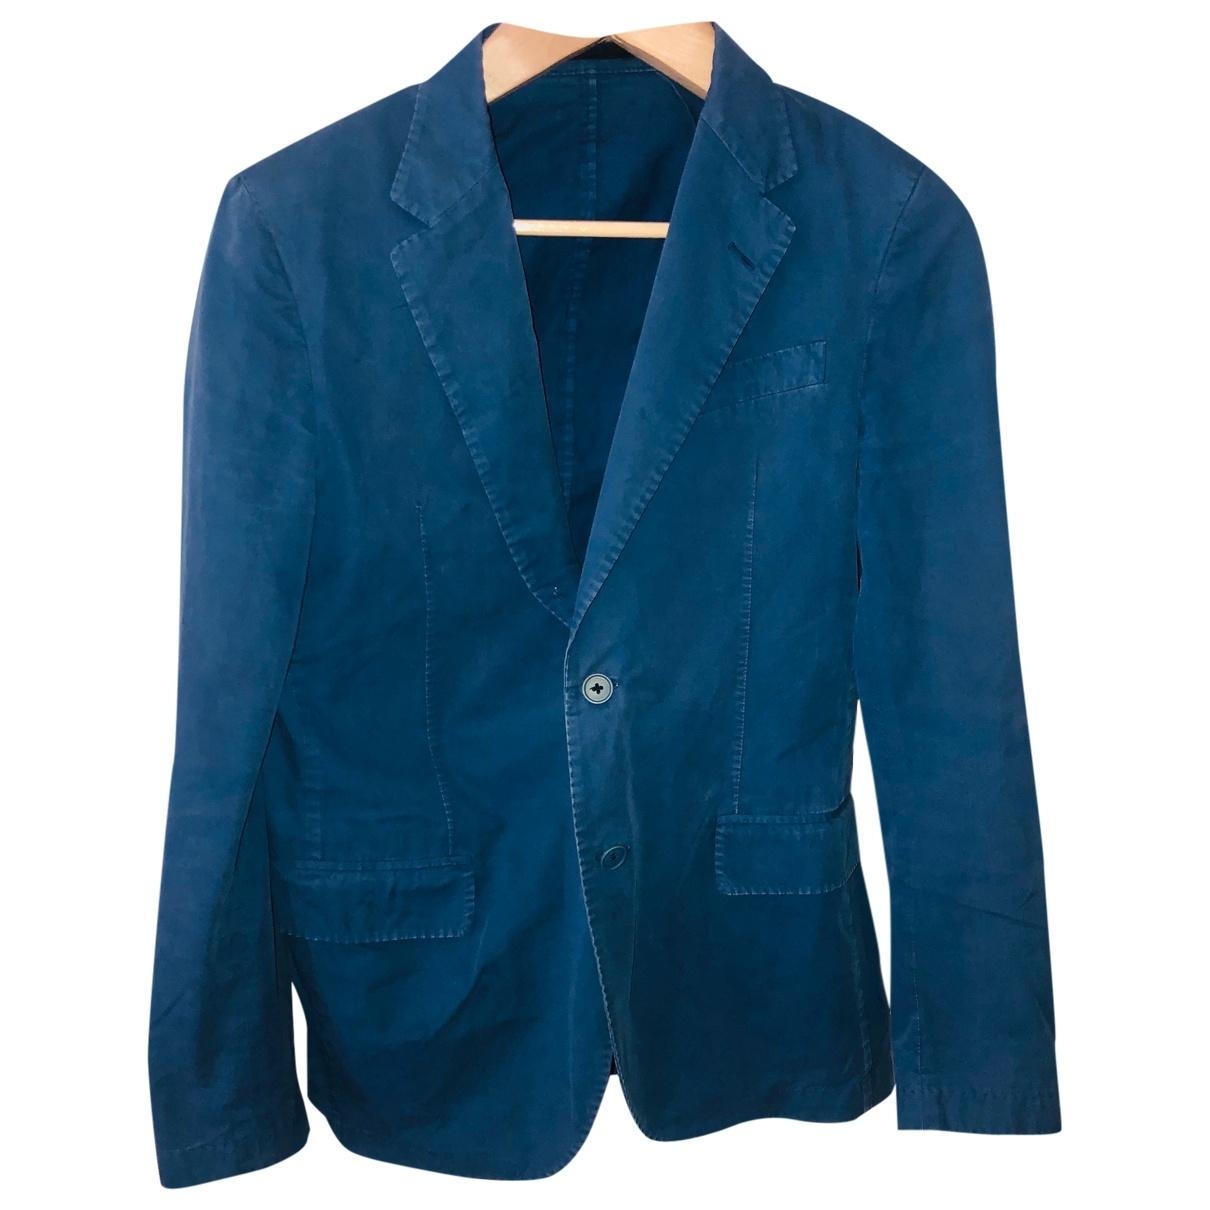 Lanvin - Vestes.Blousons   pour homme en coton - bleu